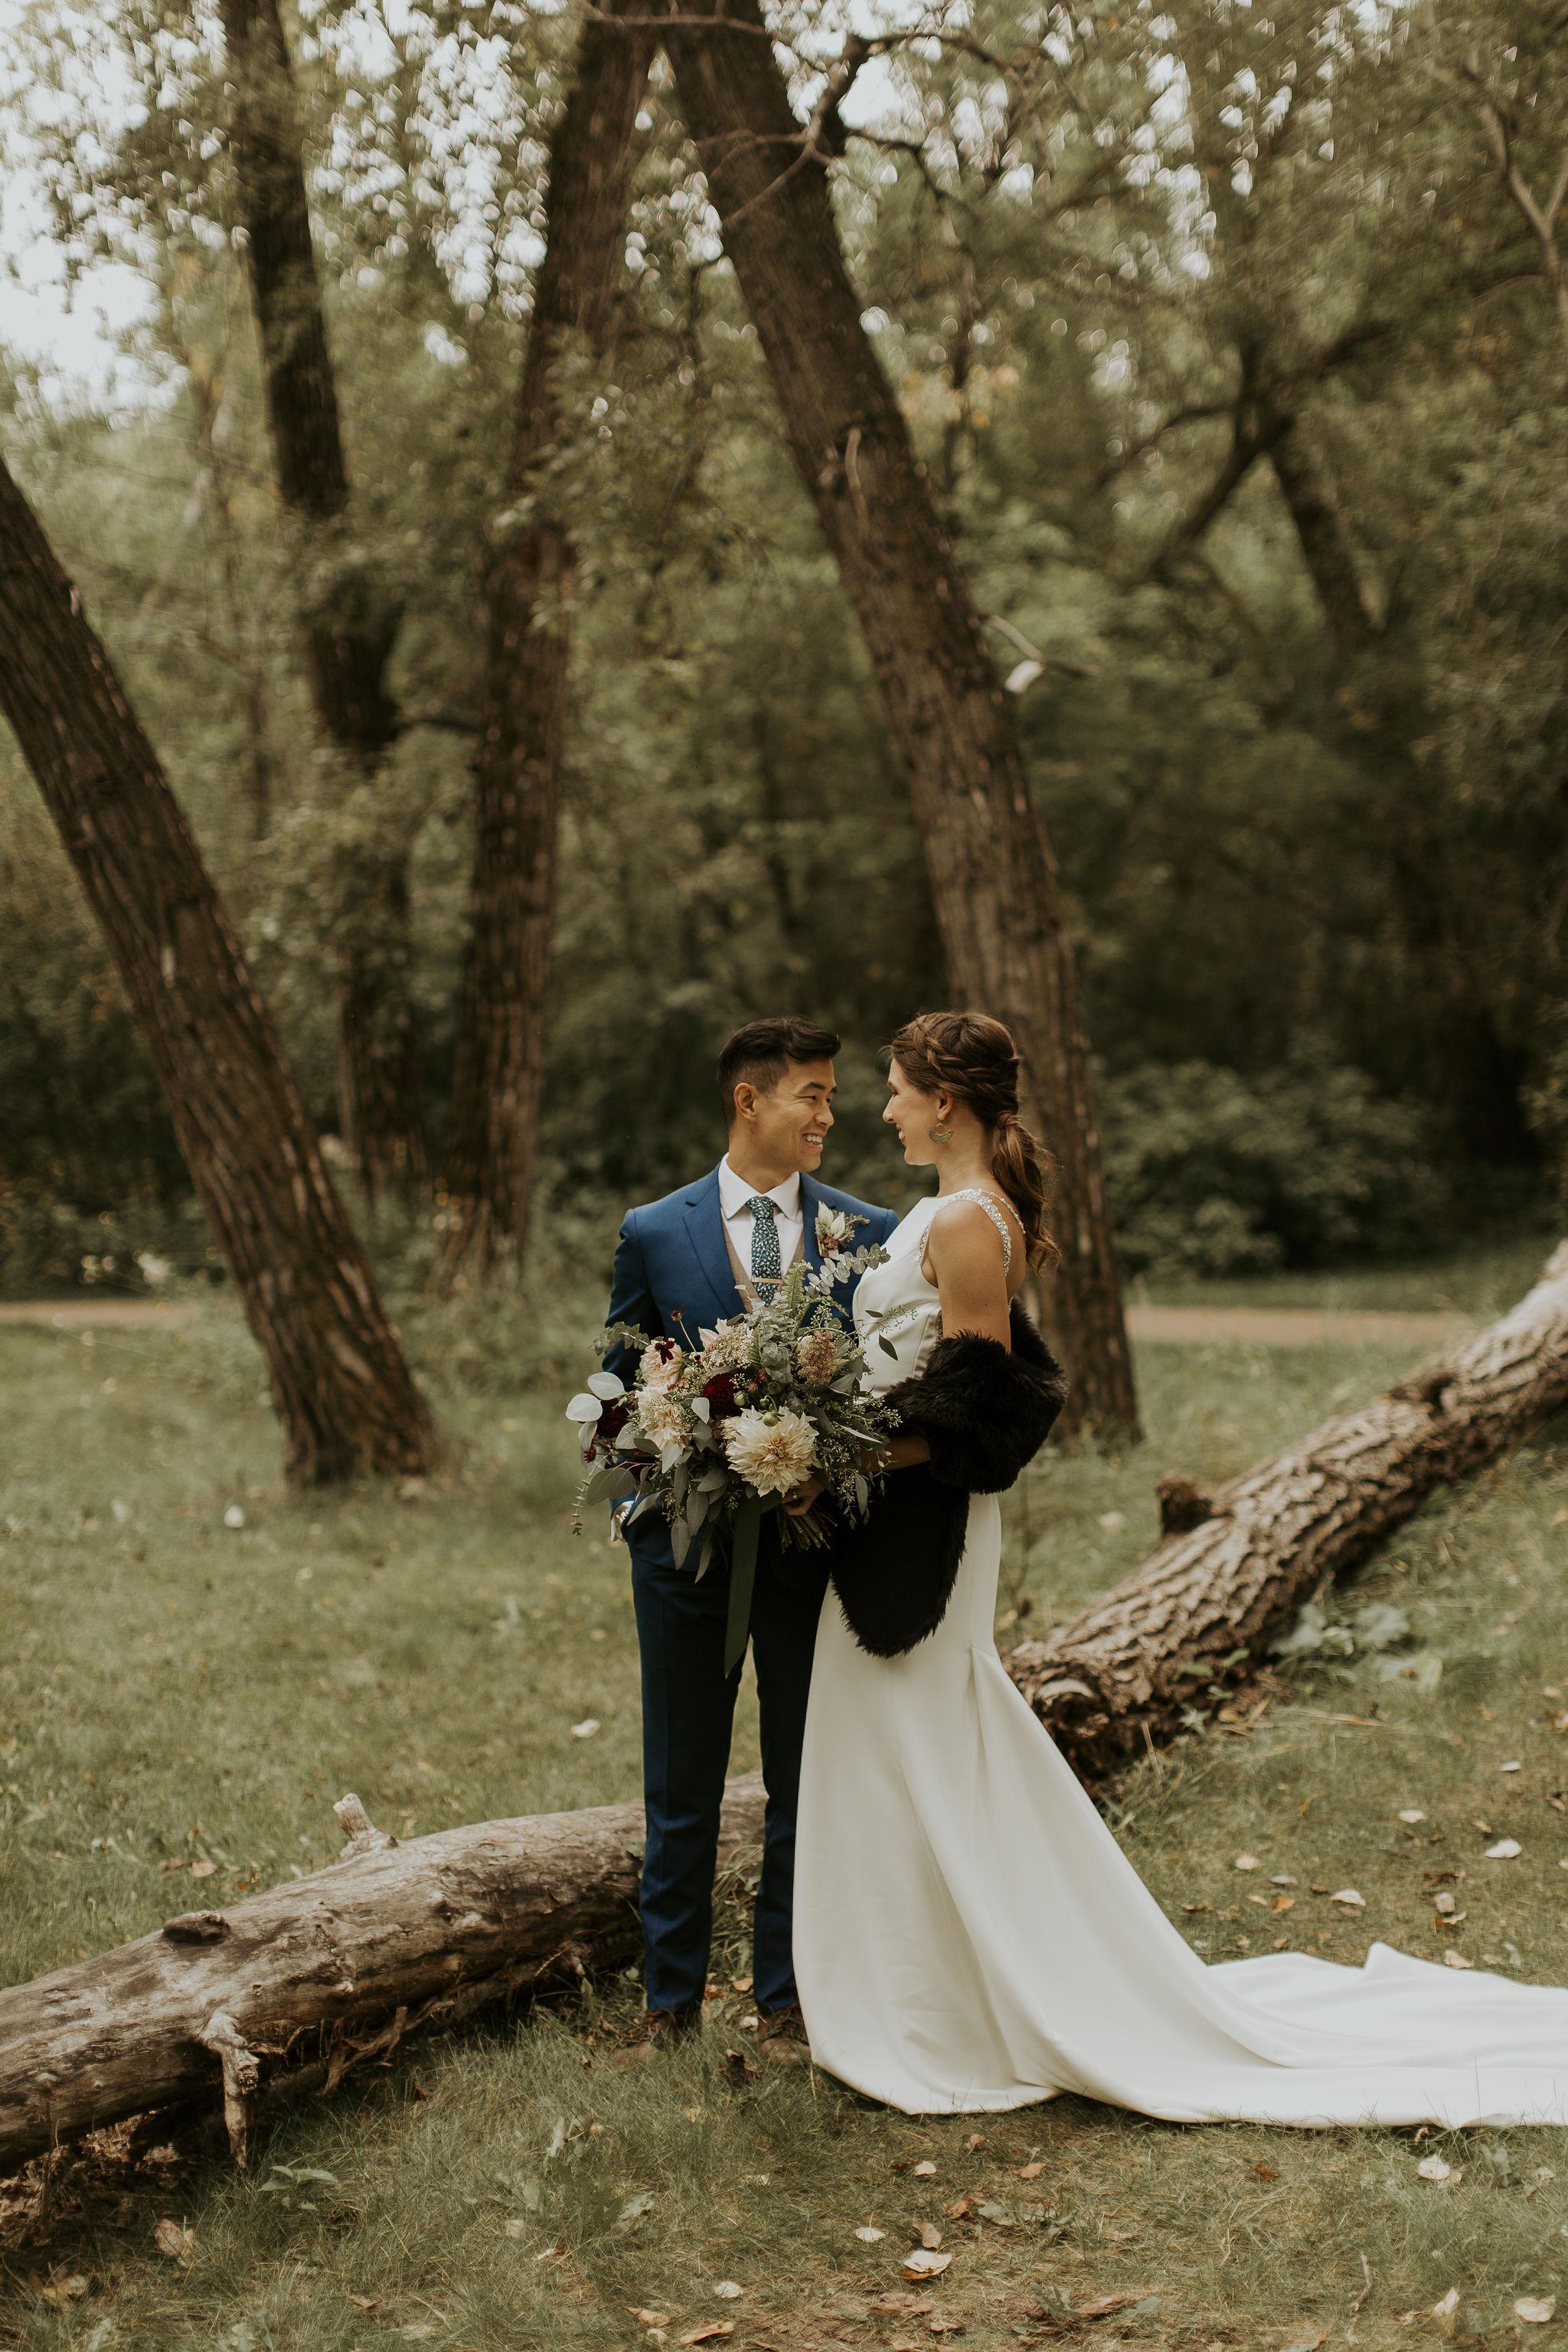 AK_Wedding_CouplePortraits-5.jpg